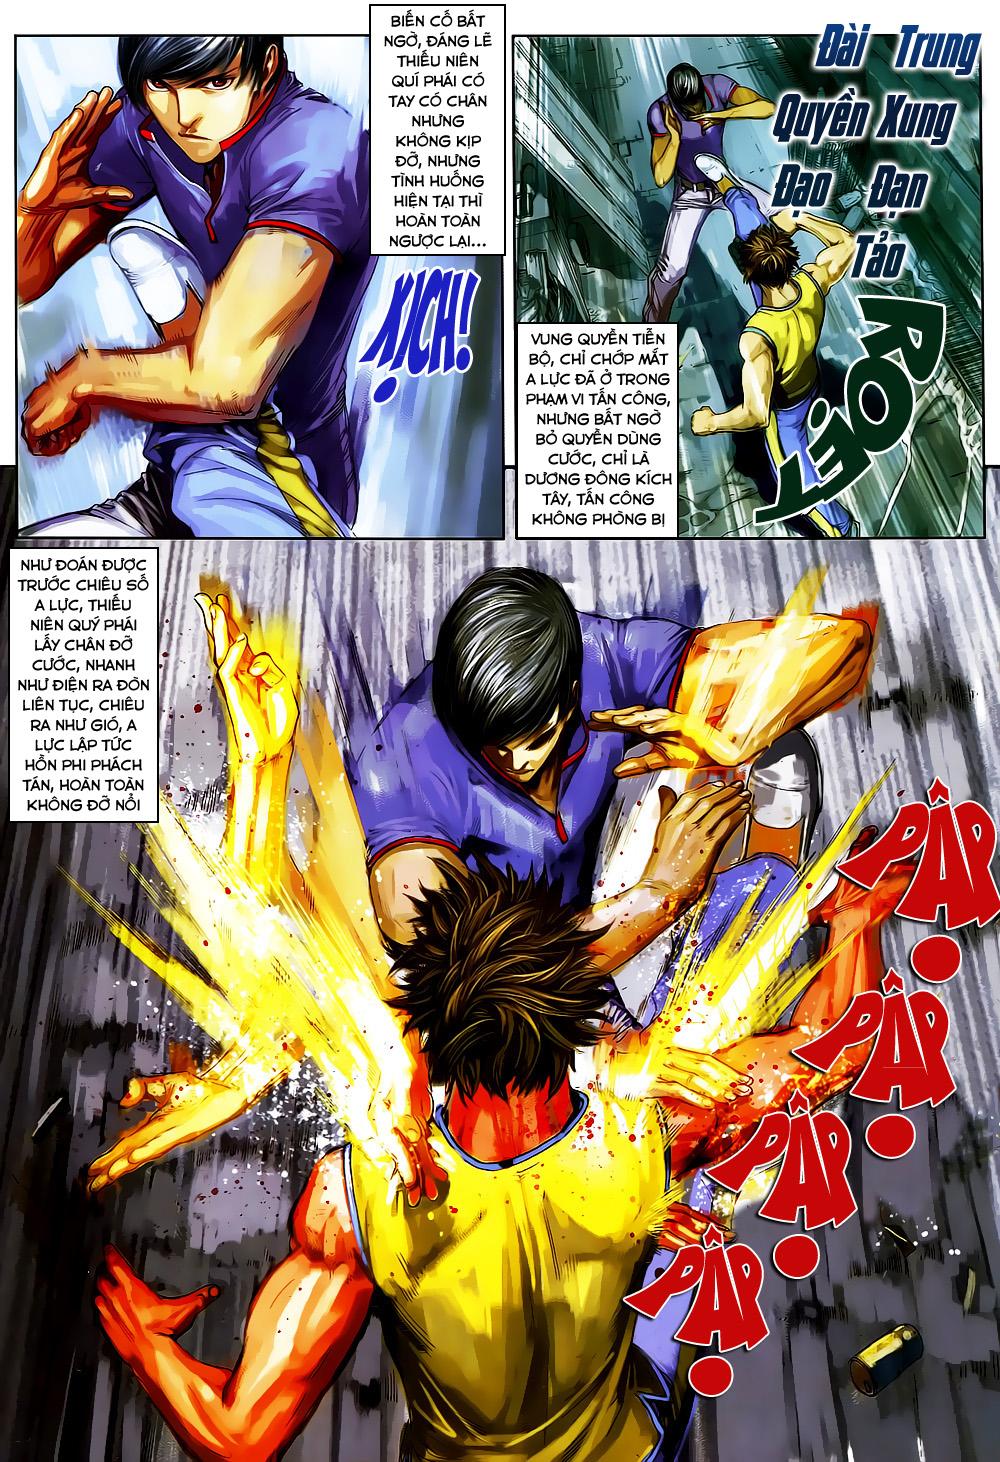 Quyền Đạo chapter 4 trang 20